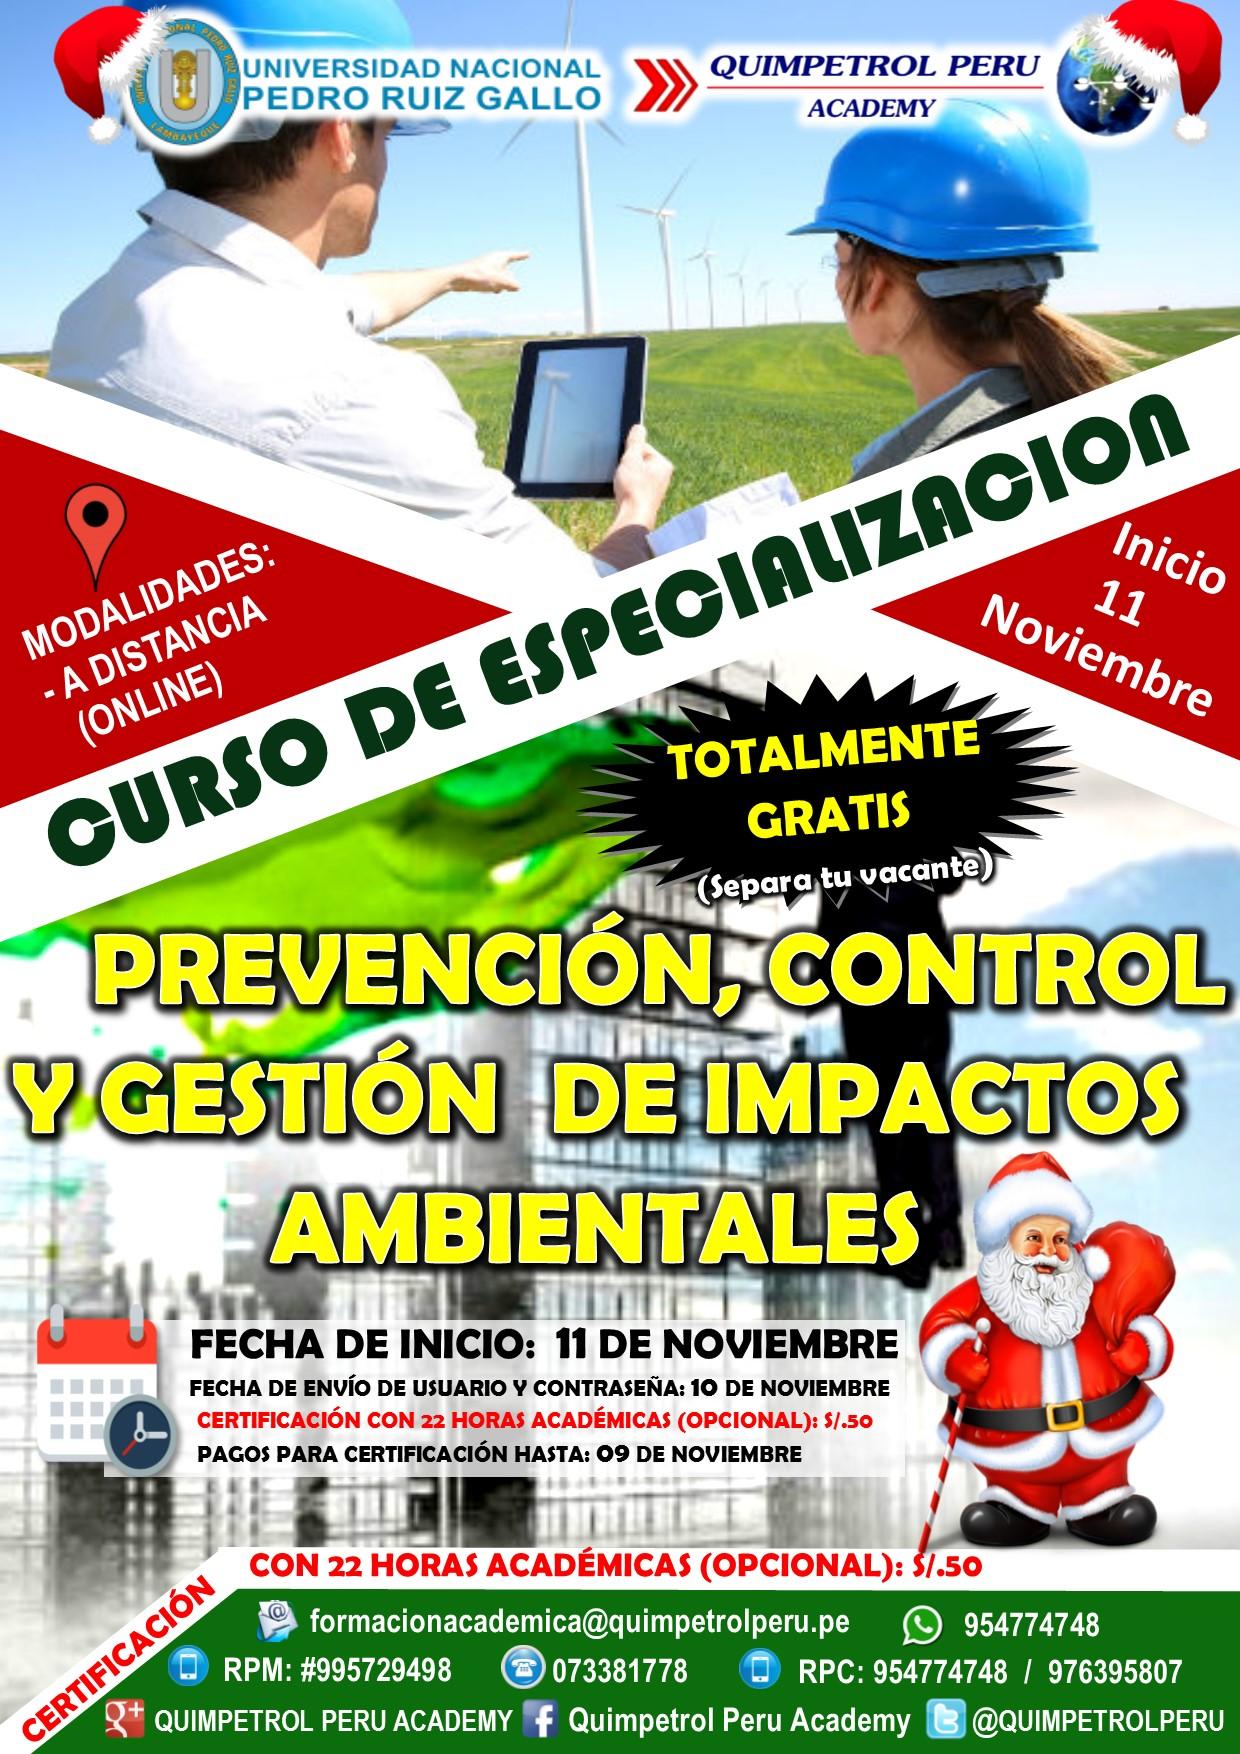 Curso de Especialización: Prevención, Control y Gestión de Impactos Ambietales